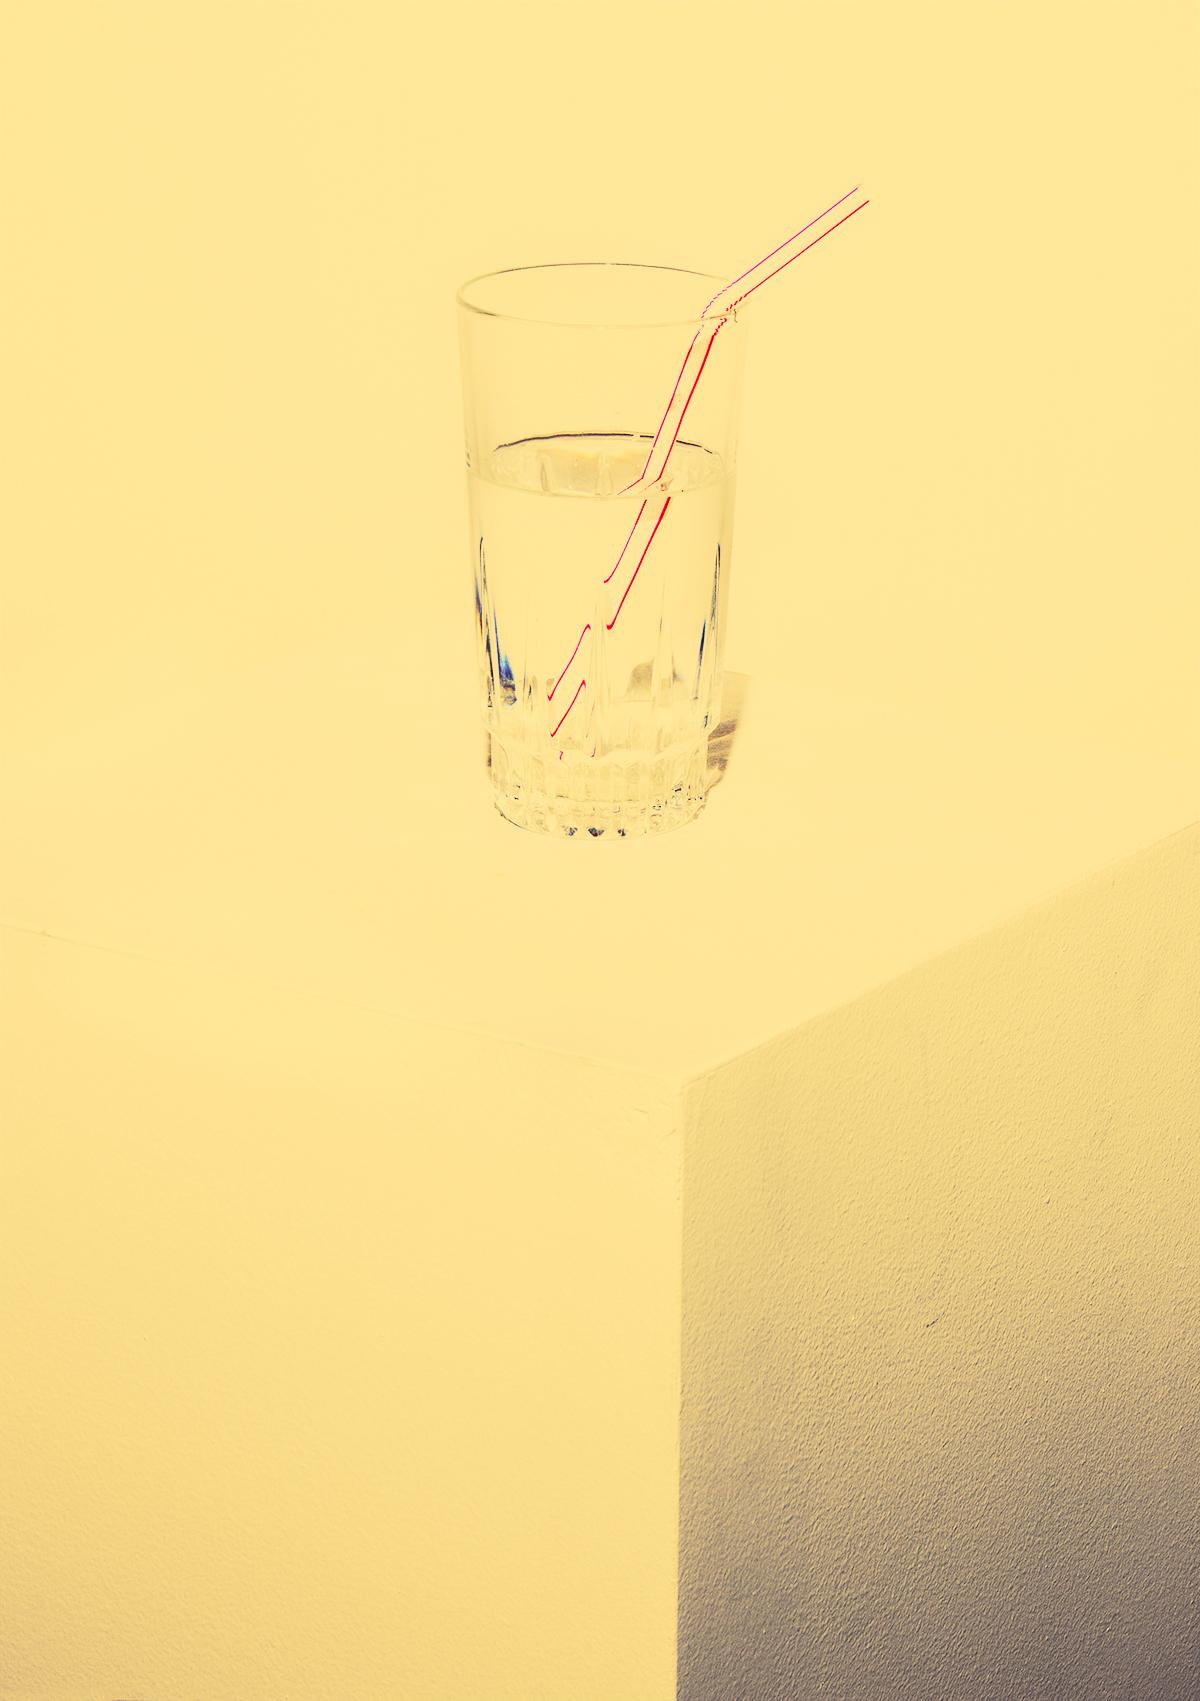 Liquid Diet and Straws  by Daniel Hojnacki